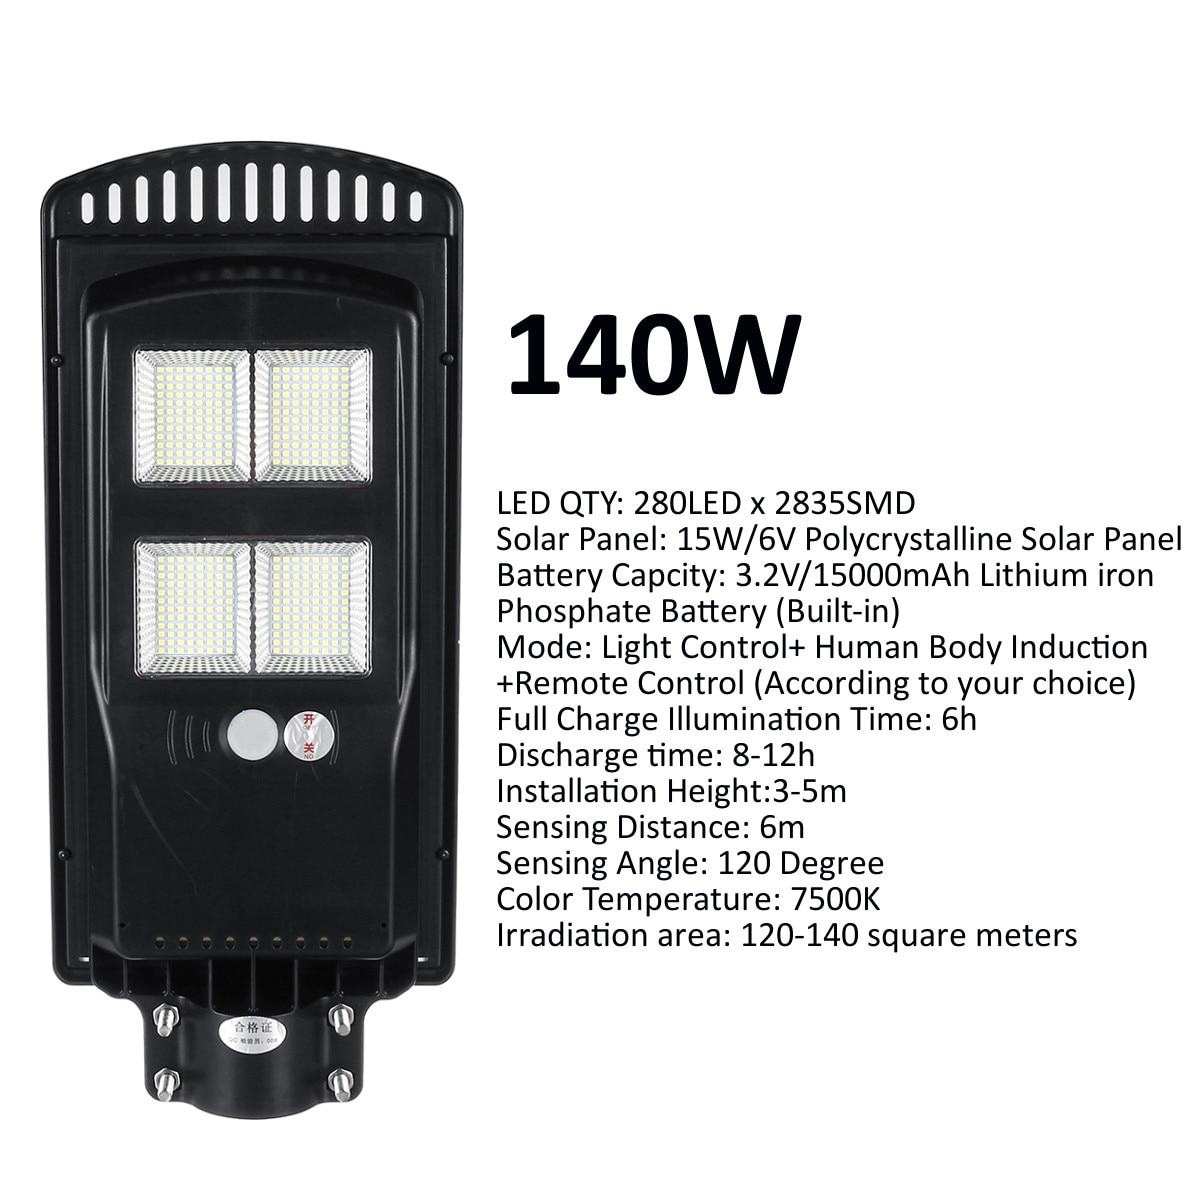 PANEL LIGHT KNOB 120-140 new